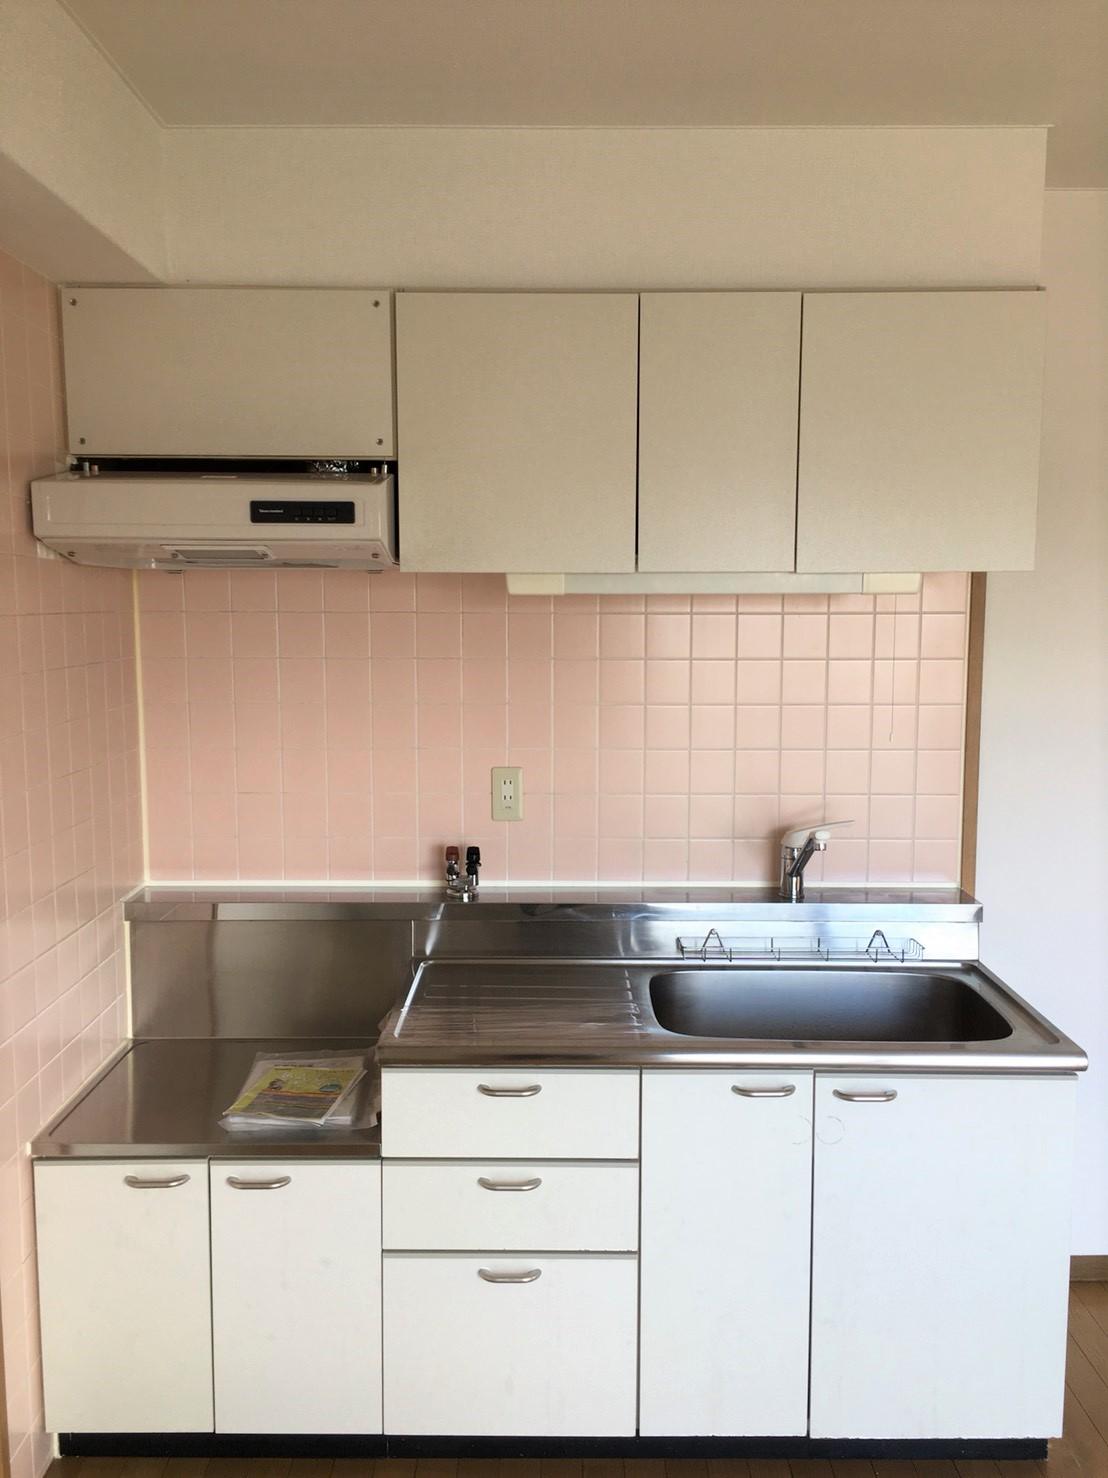 ハウスクリーニング 伊丹・リピート率NO.1 綺麗なキッチンはおそうじプラスにお任せ下さい!お見積はもちろん出張料も無料~キッチンをお掃除すれば、お料理が楽しくなる♪